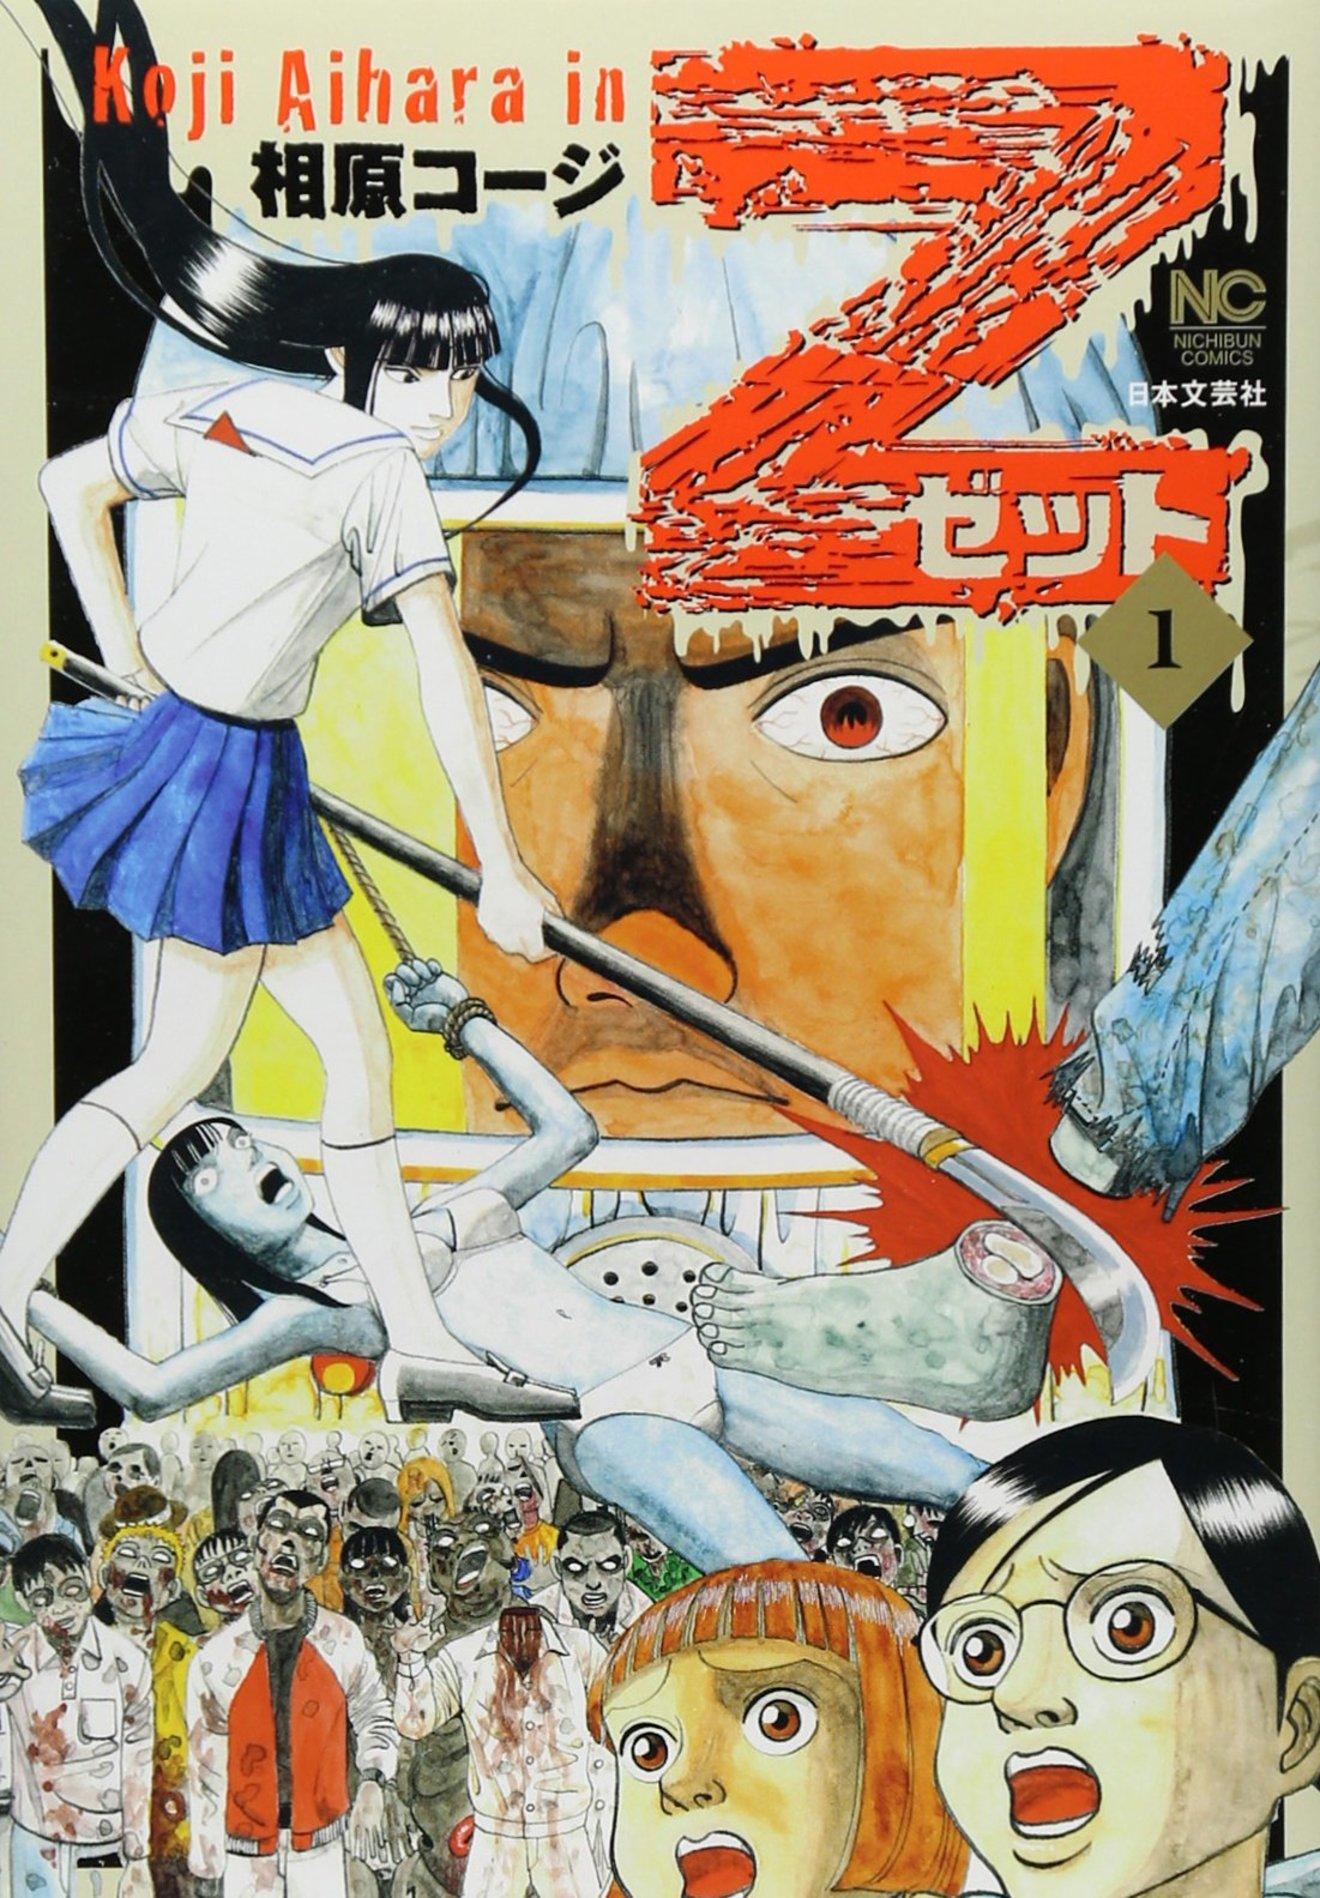 相原コージのおすすめ漫画5選!ギャグ漫画の重鎮が描くシュールな世界!